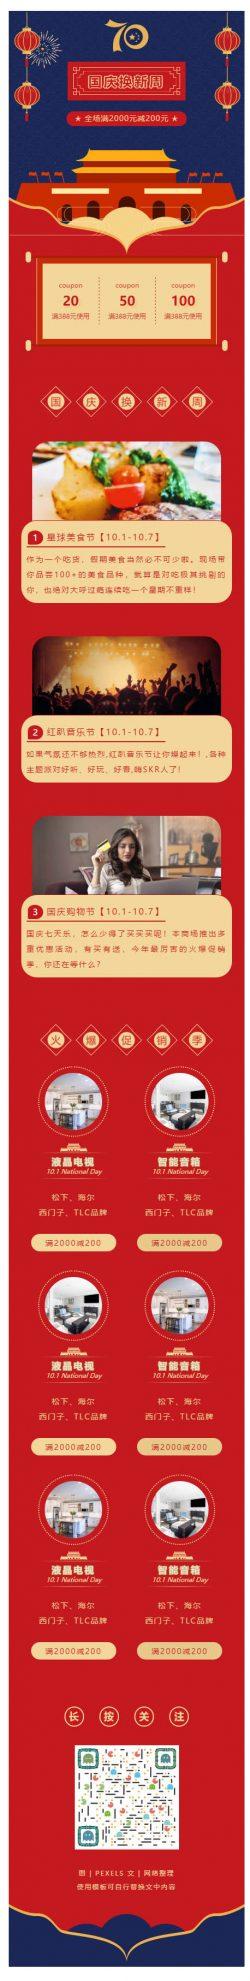 国庆节微信电商微商推送文章模板公众号推文素材